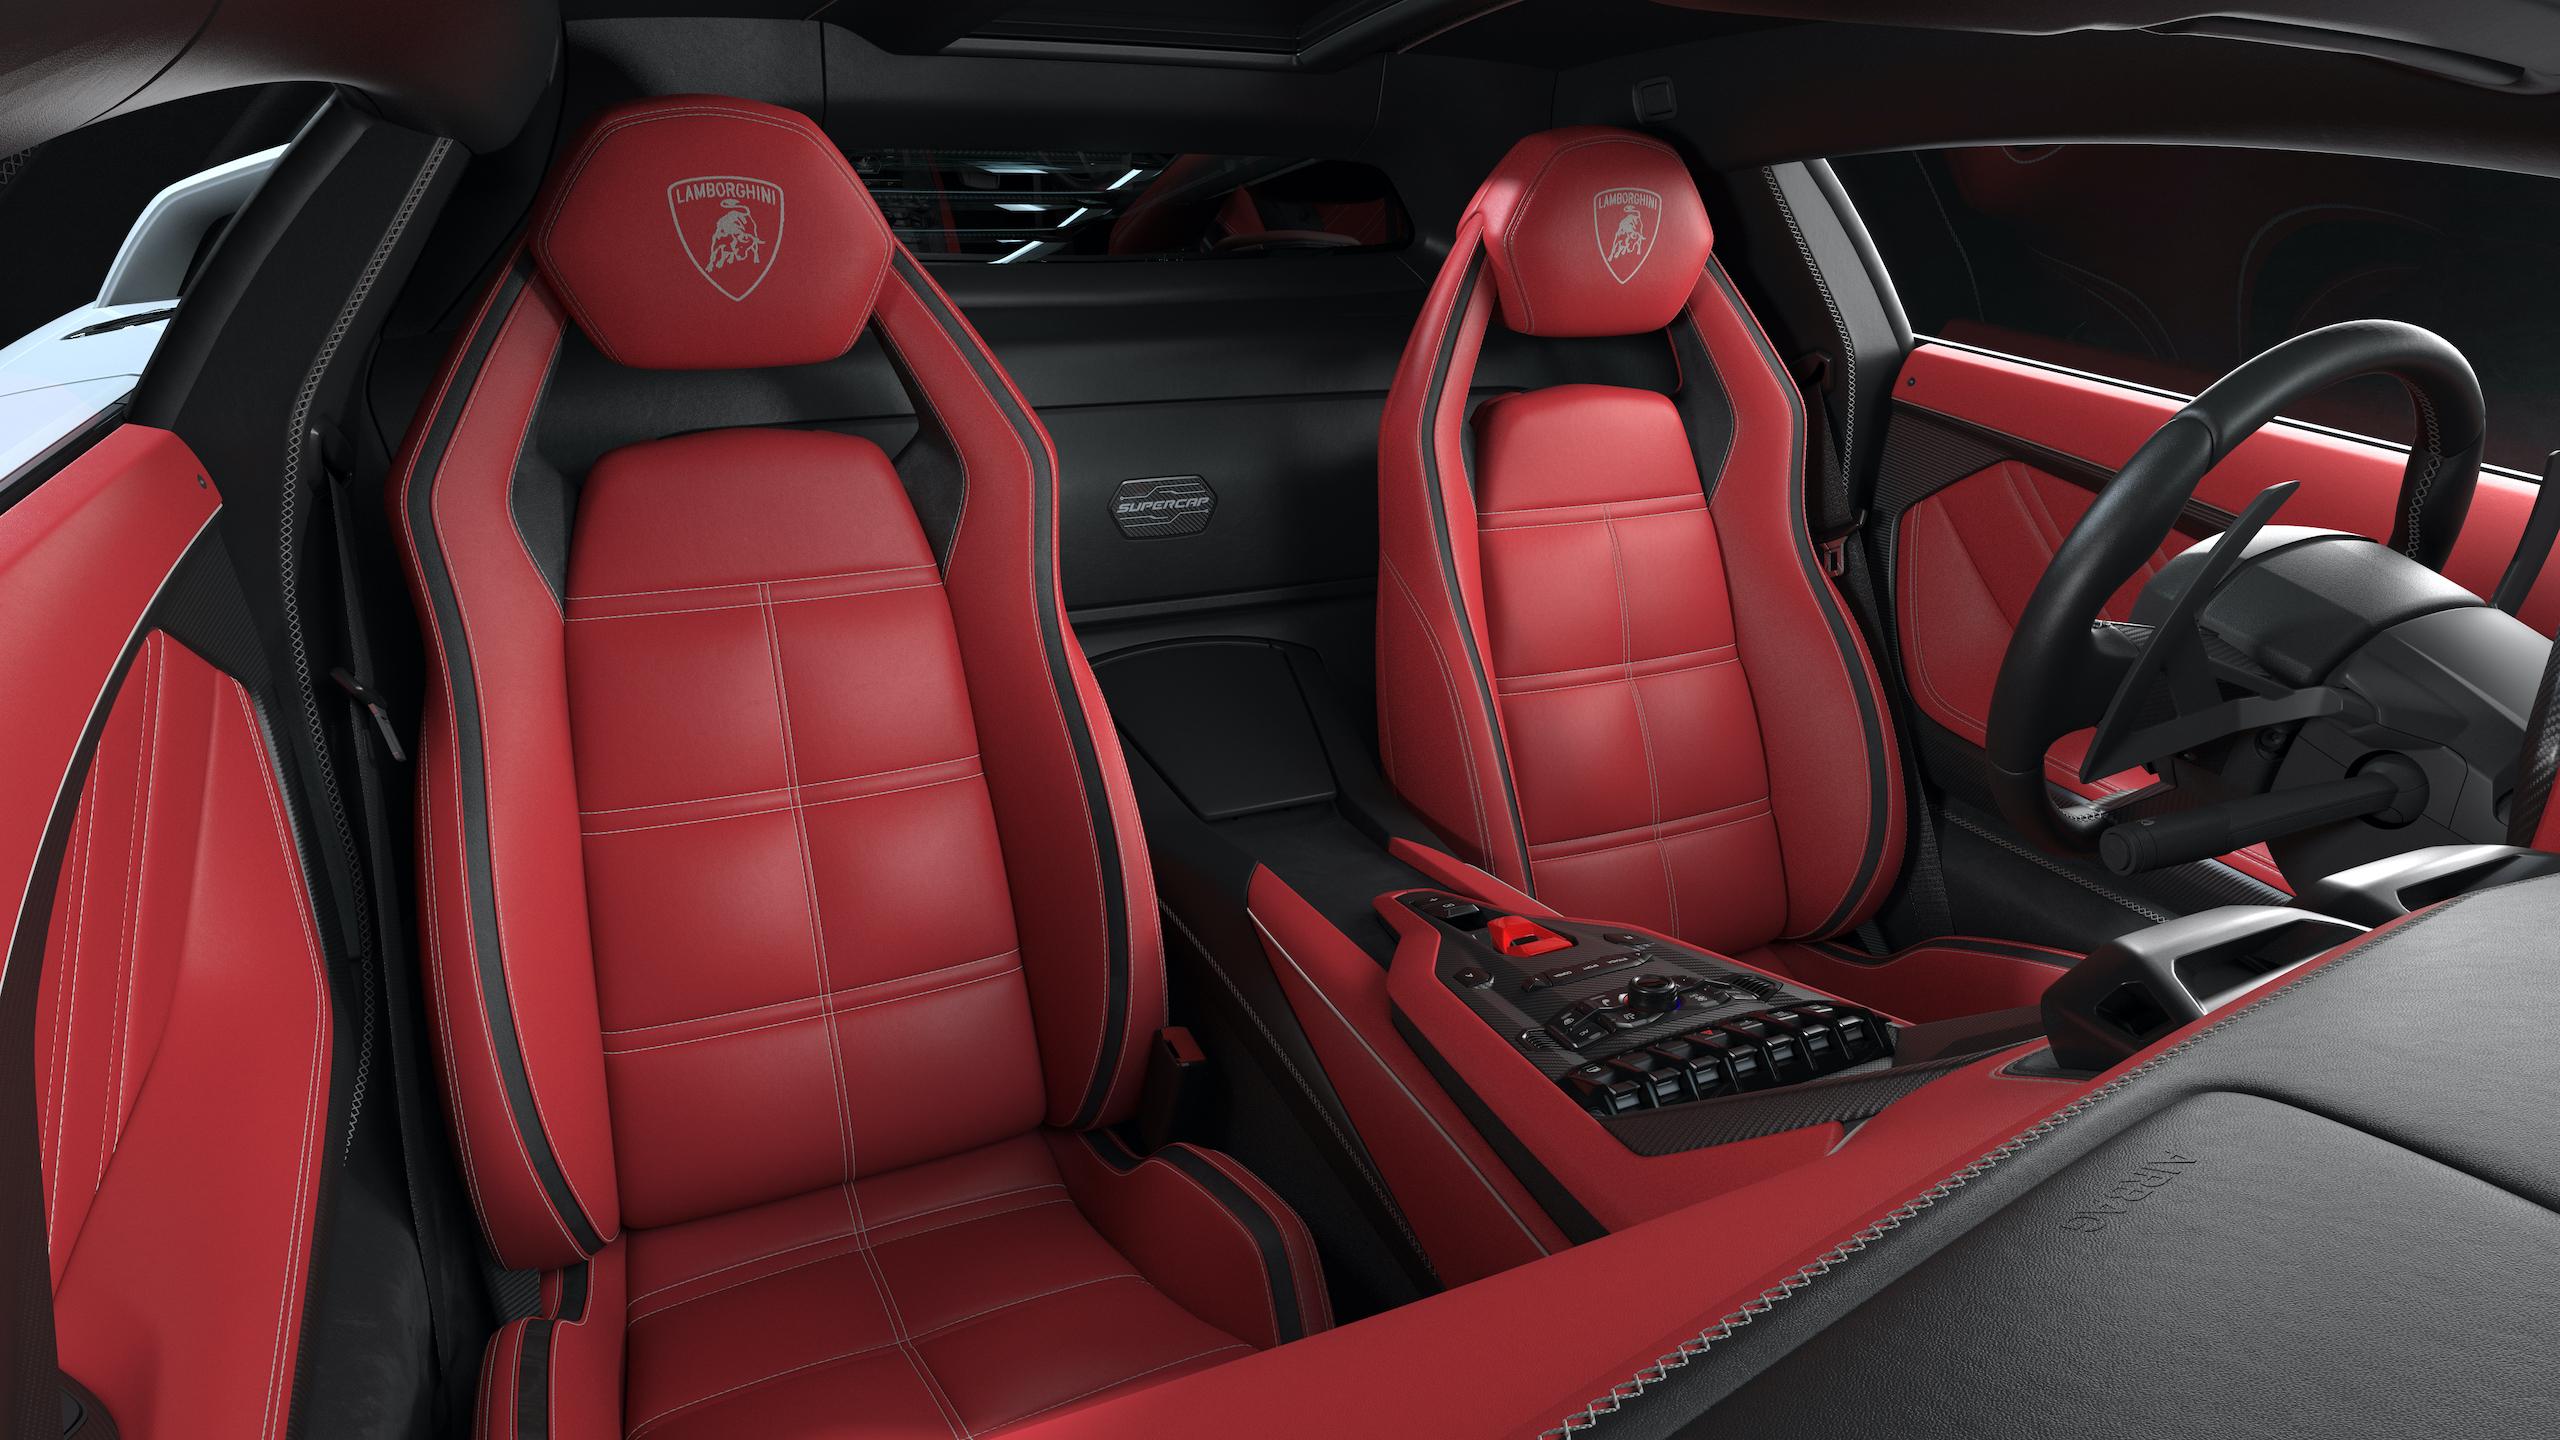 Countach LPI 800 interior seats